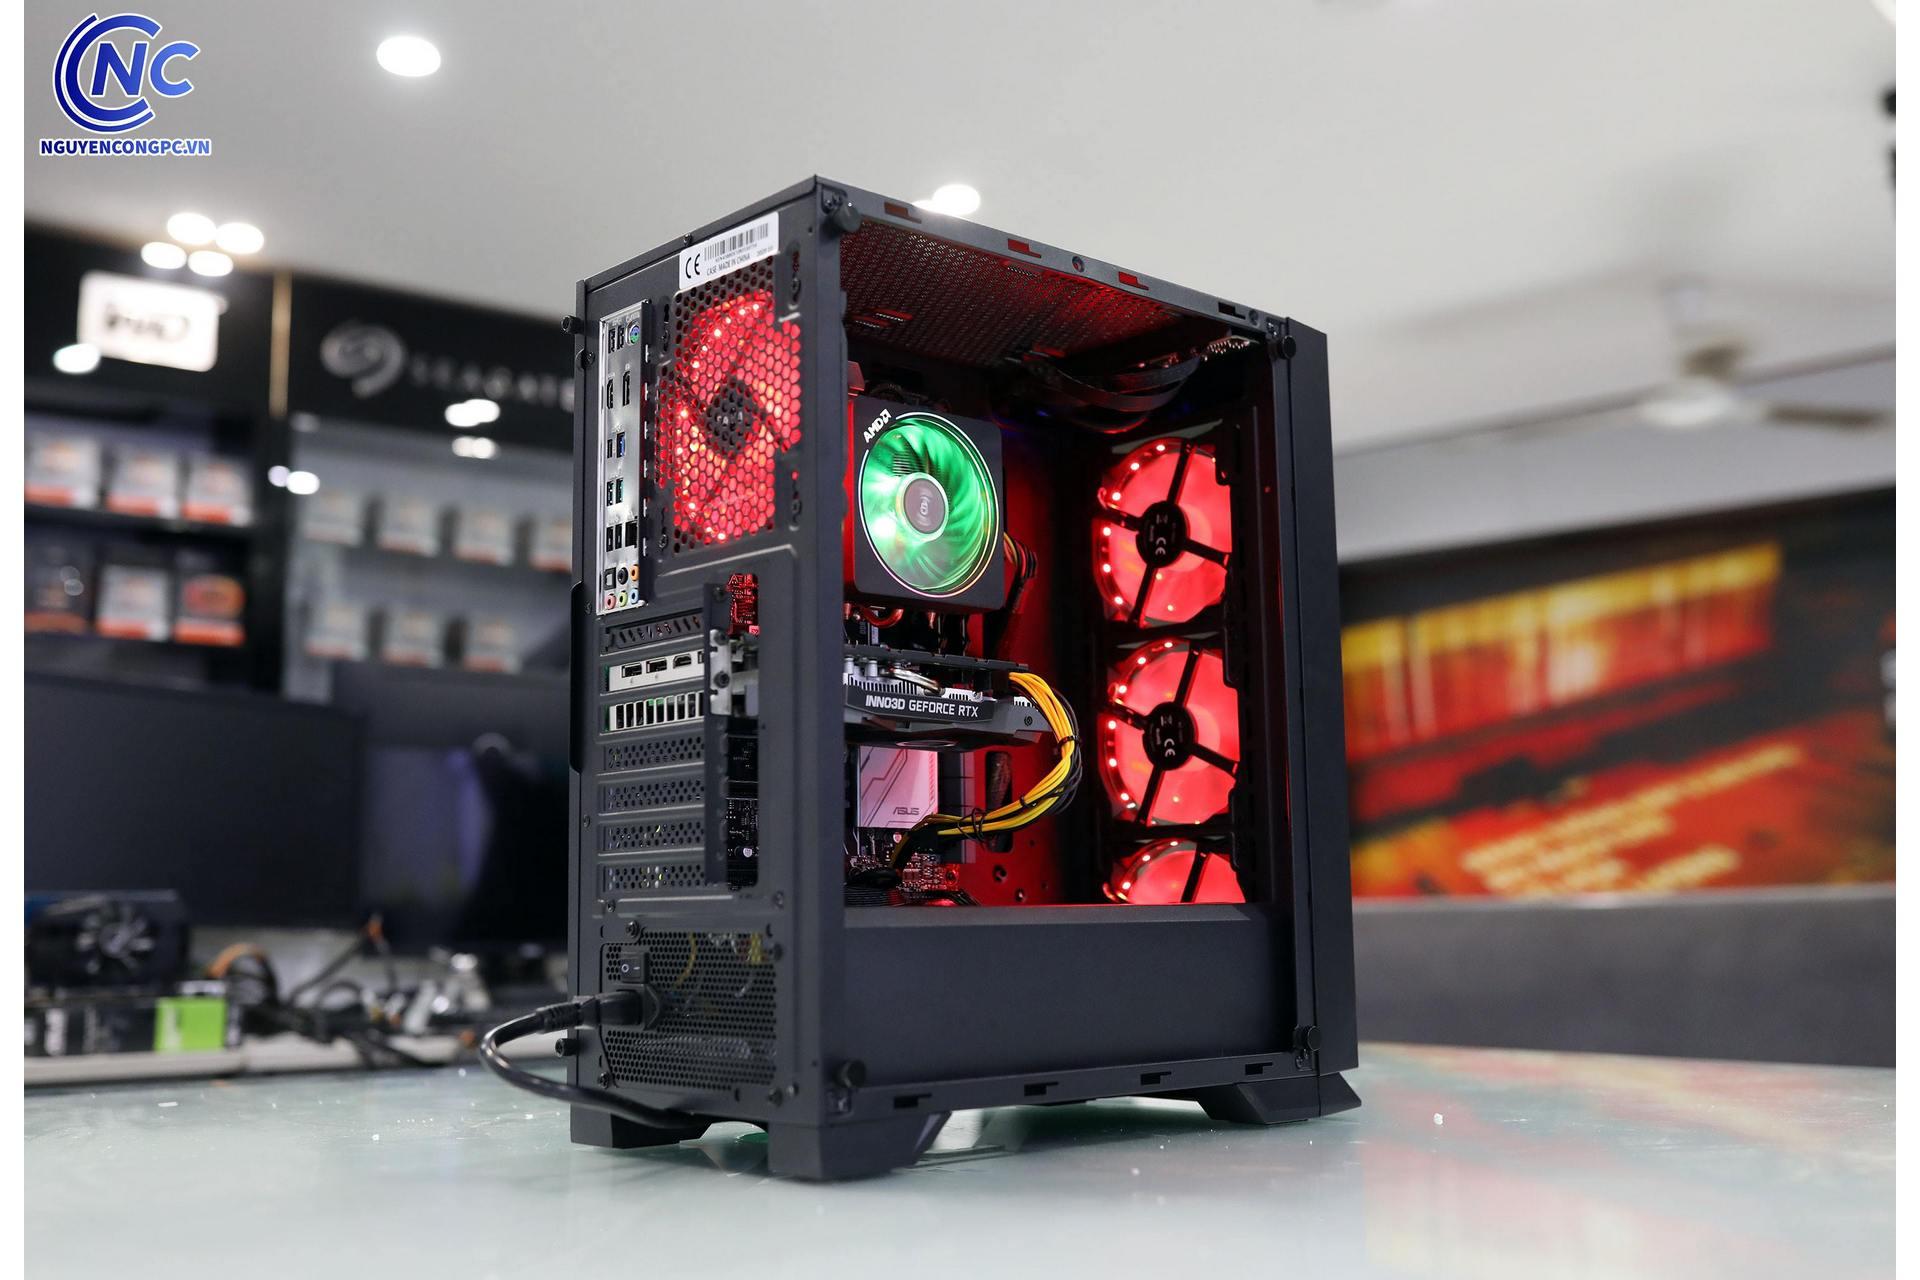 AMD RYZEN 7 3700x 16GB RAM RTX 2060